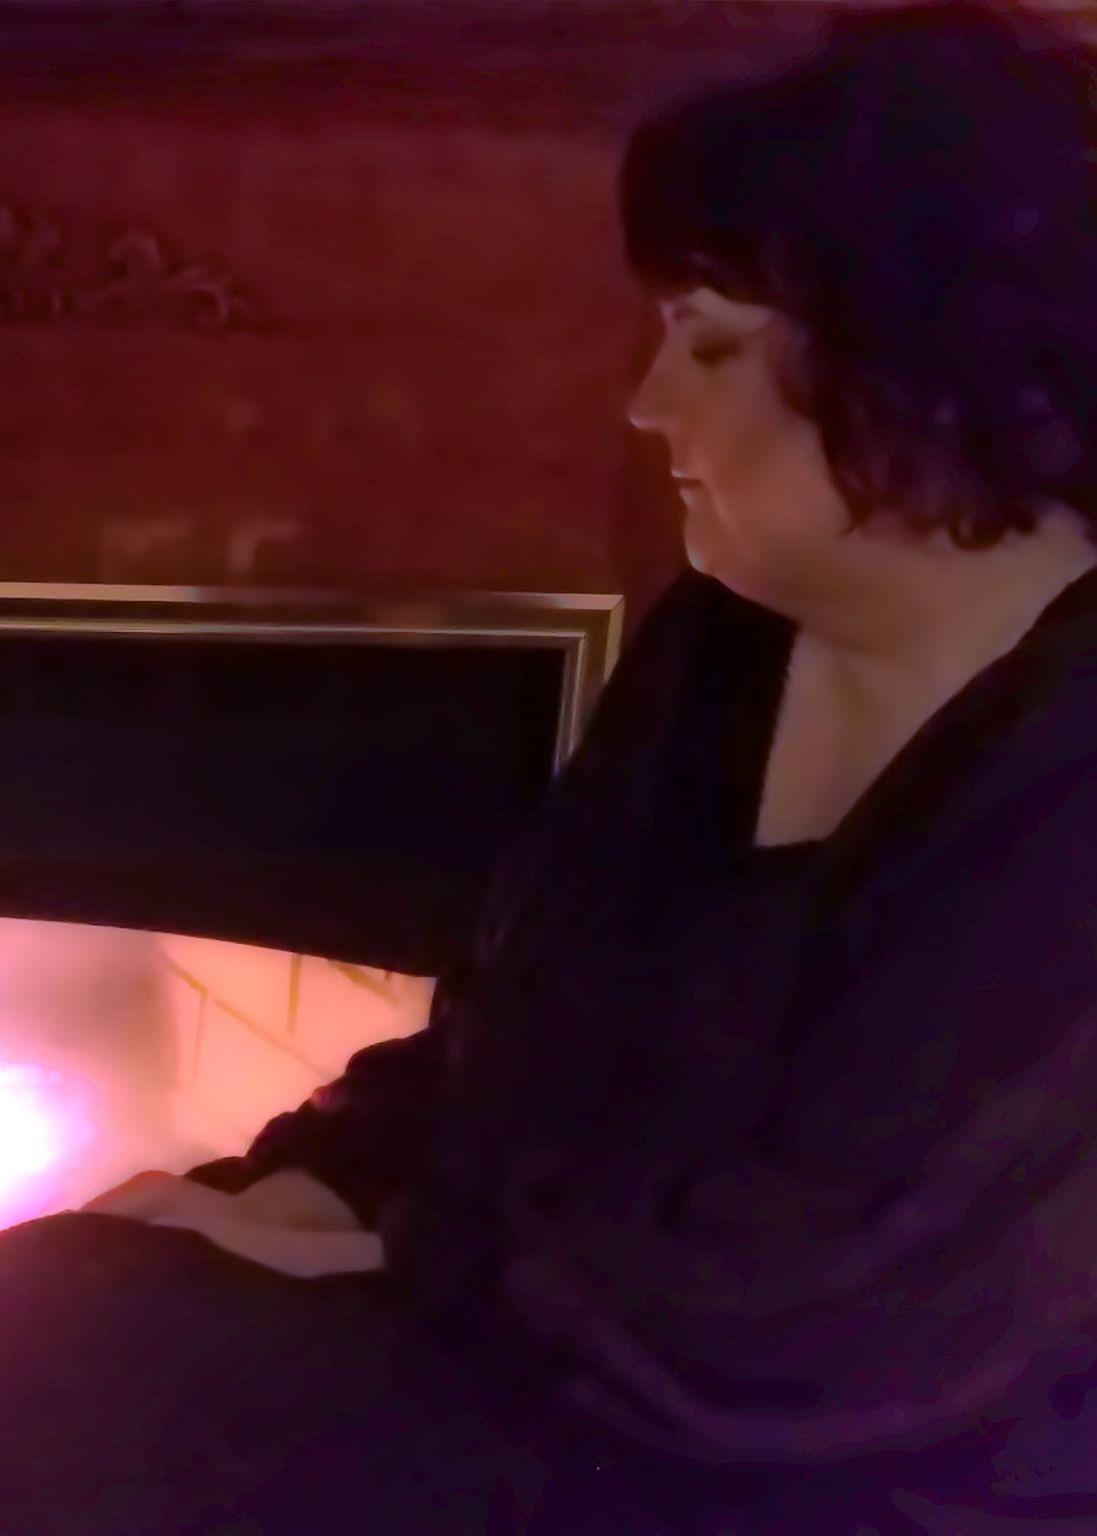 Nikki leigh fireplace 2017